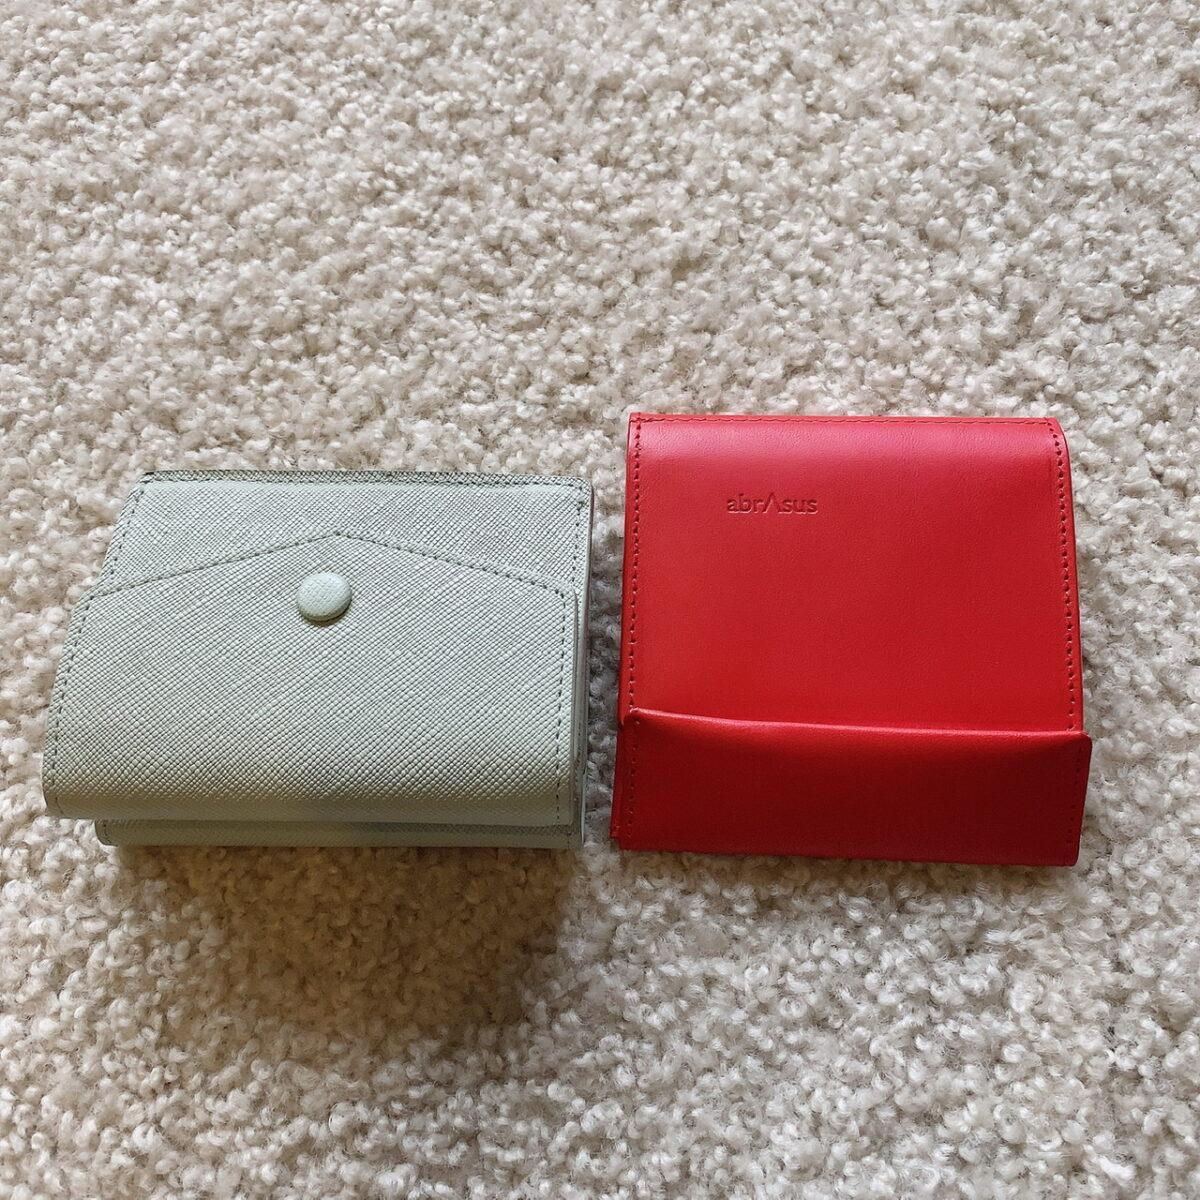 アブラサス 他財布と比較